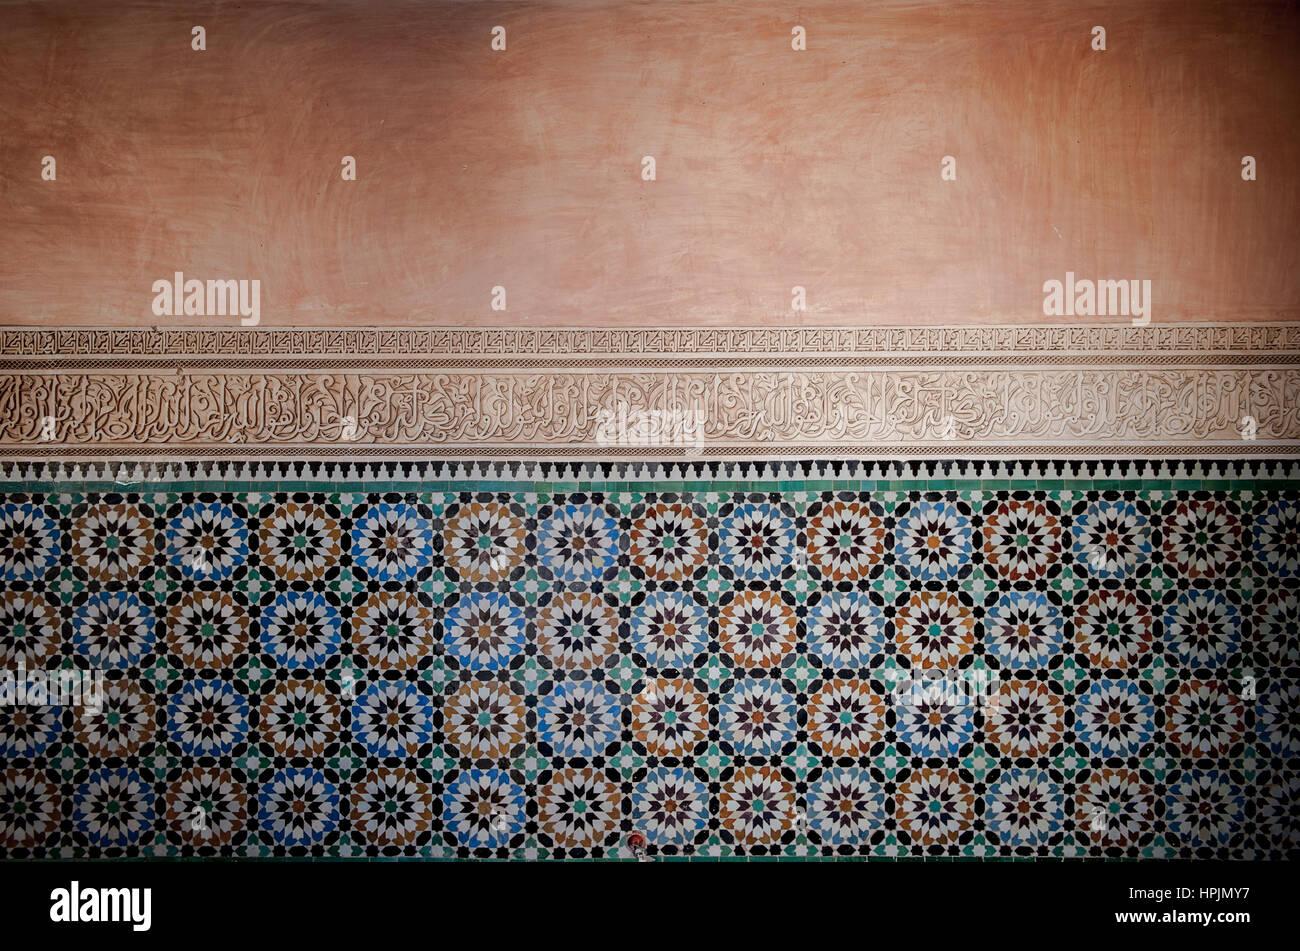 Moroccan design immagini & moroccan design fotos stock alamy